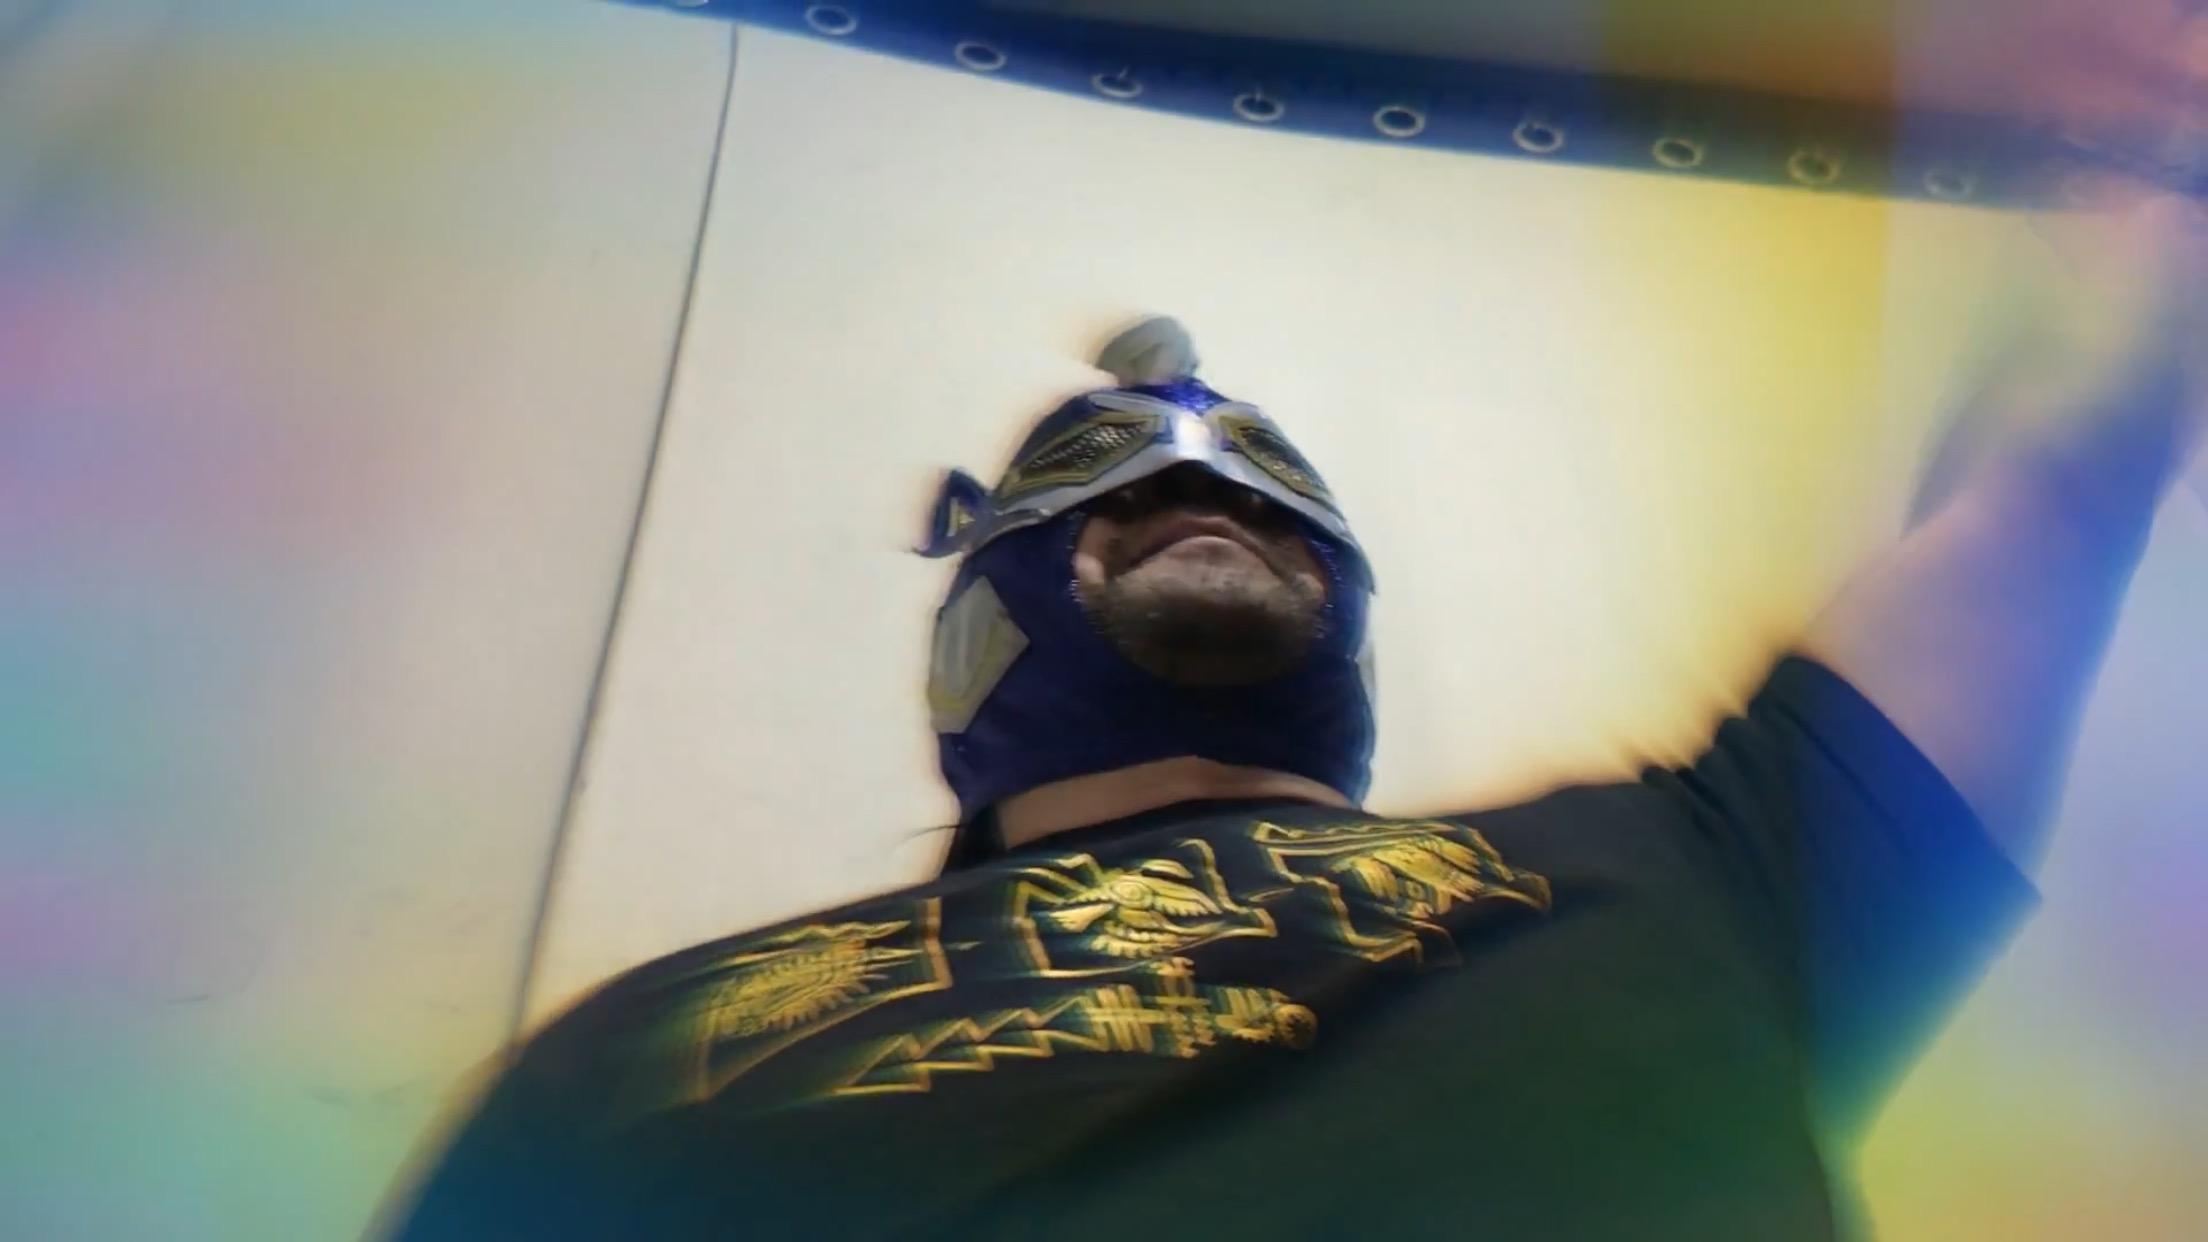 宇宙銀河戦士アンドロスより10/8調布大会に向けてのメッセージ!